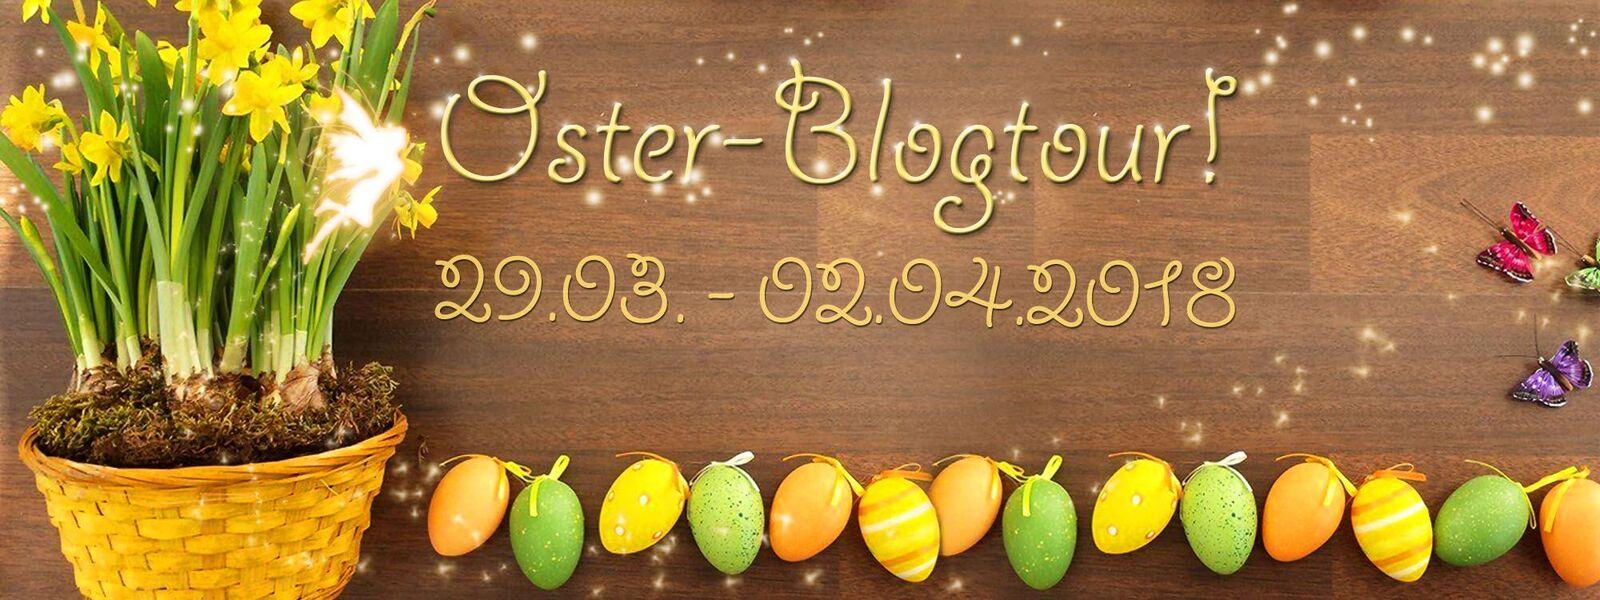 Oster Blogtour 2018